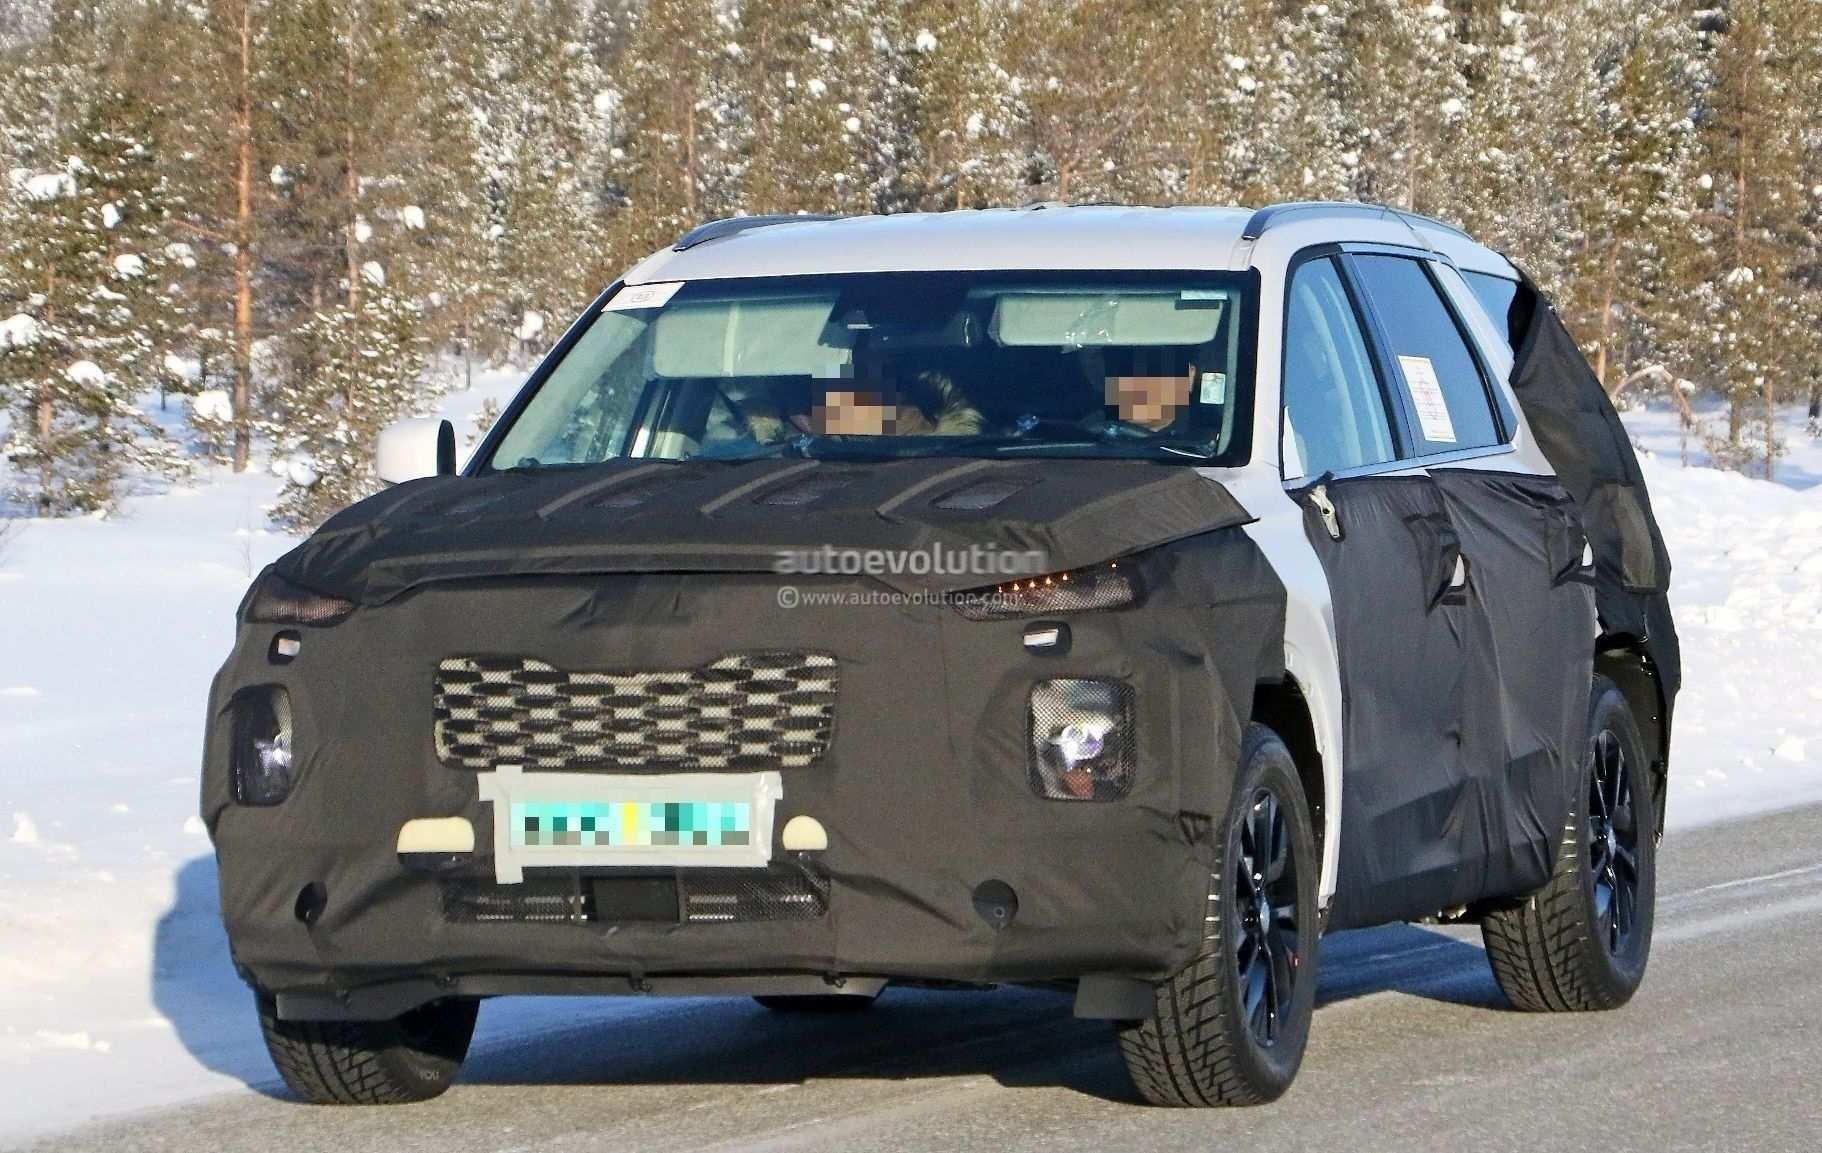 50 Great 2020 Volvo Suv Interior for 2020 Volvo Suv